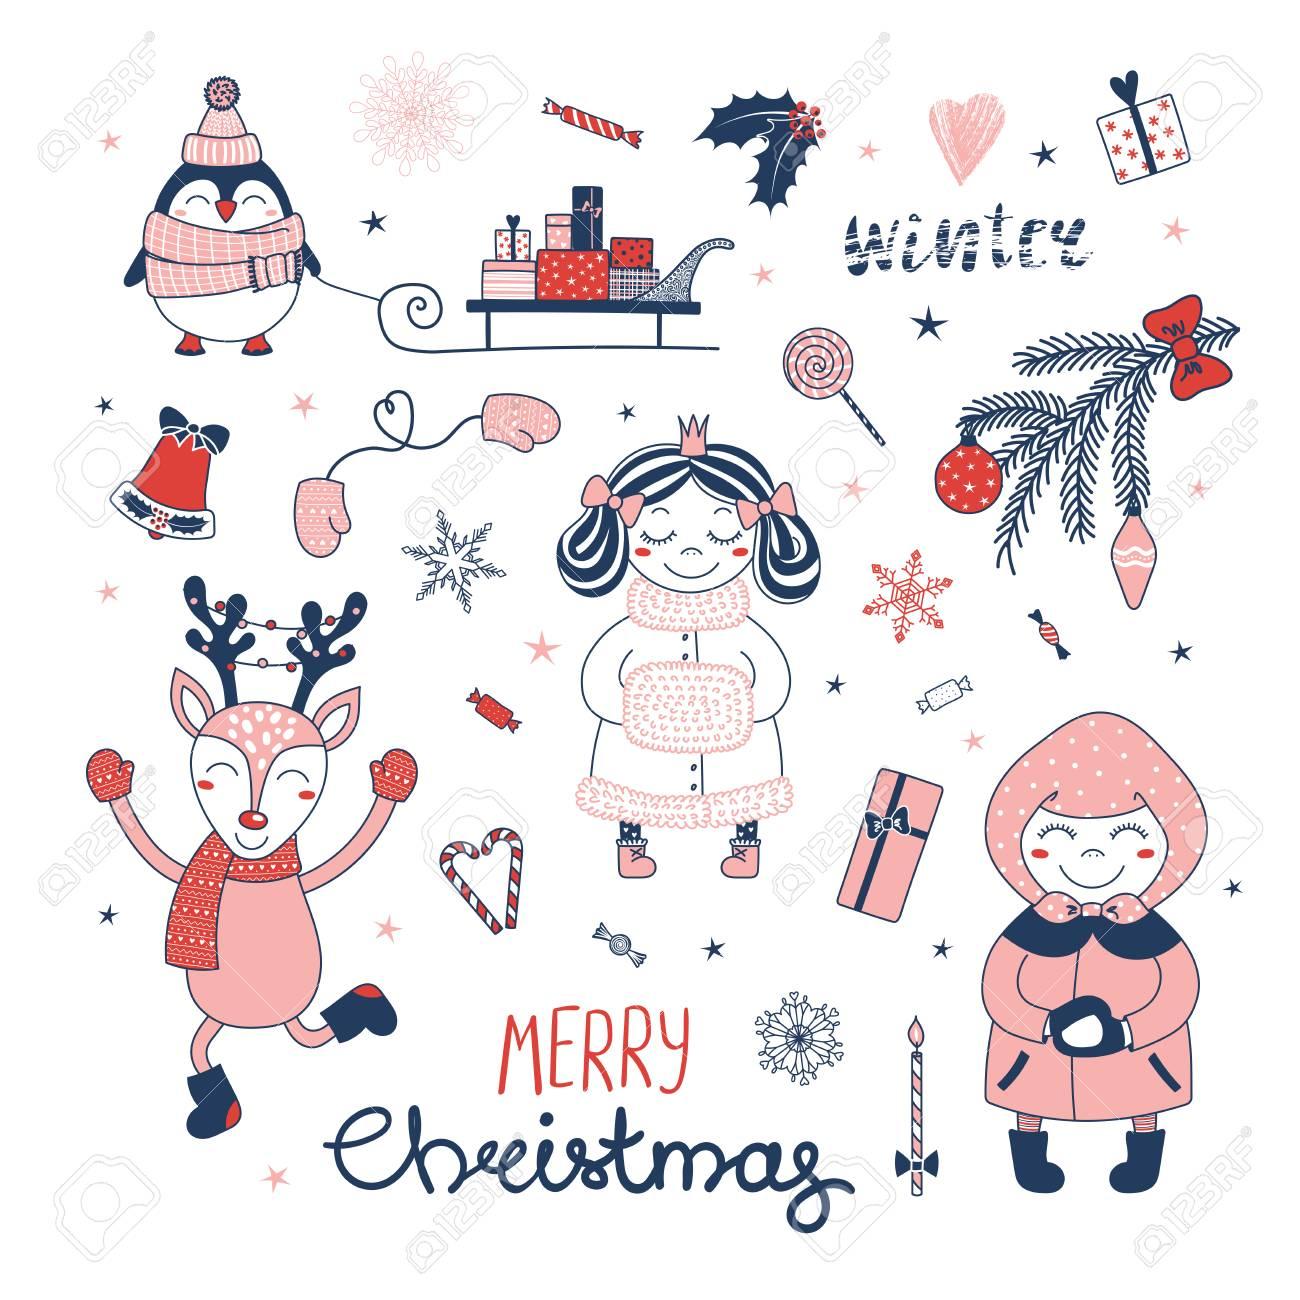 Dibujos De Navidad Hechos Por Ninos.Conjunto De Elementos De Diseno De Navidad Hechos A Mano Con Princesa De Dibujos Animados Lindo Pinguino Trineo Con Regalos Ciervos Nina